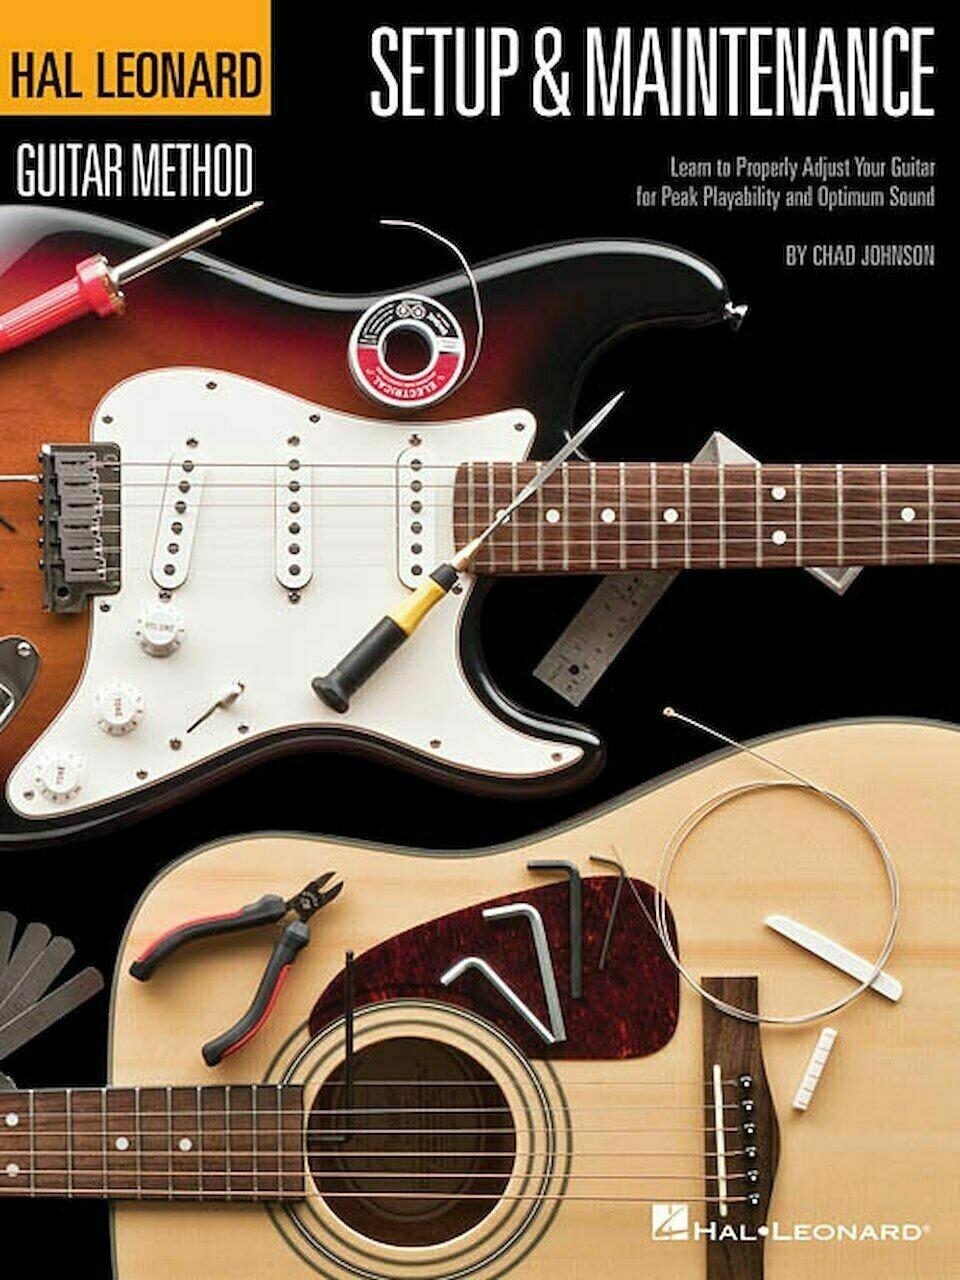 Hal Leonard Guitar Setup & Maintenance